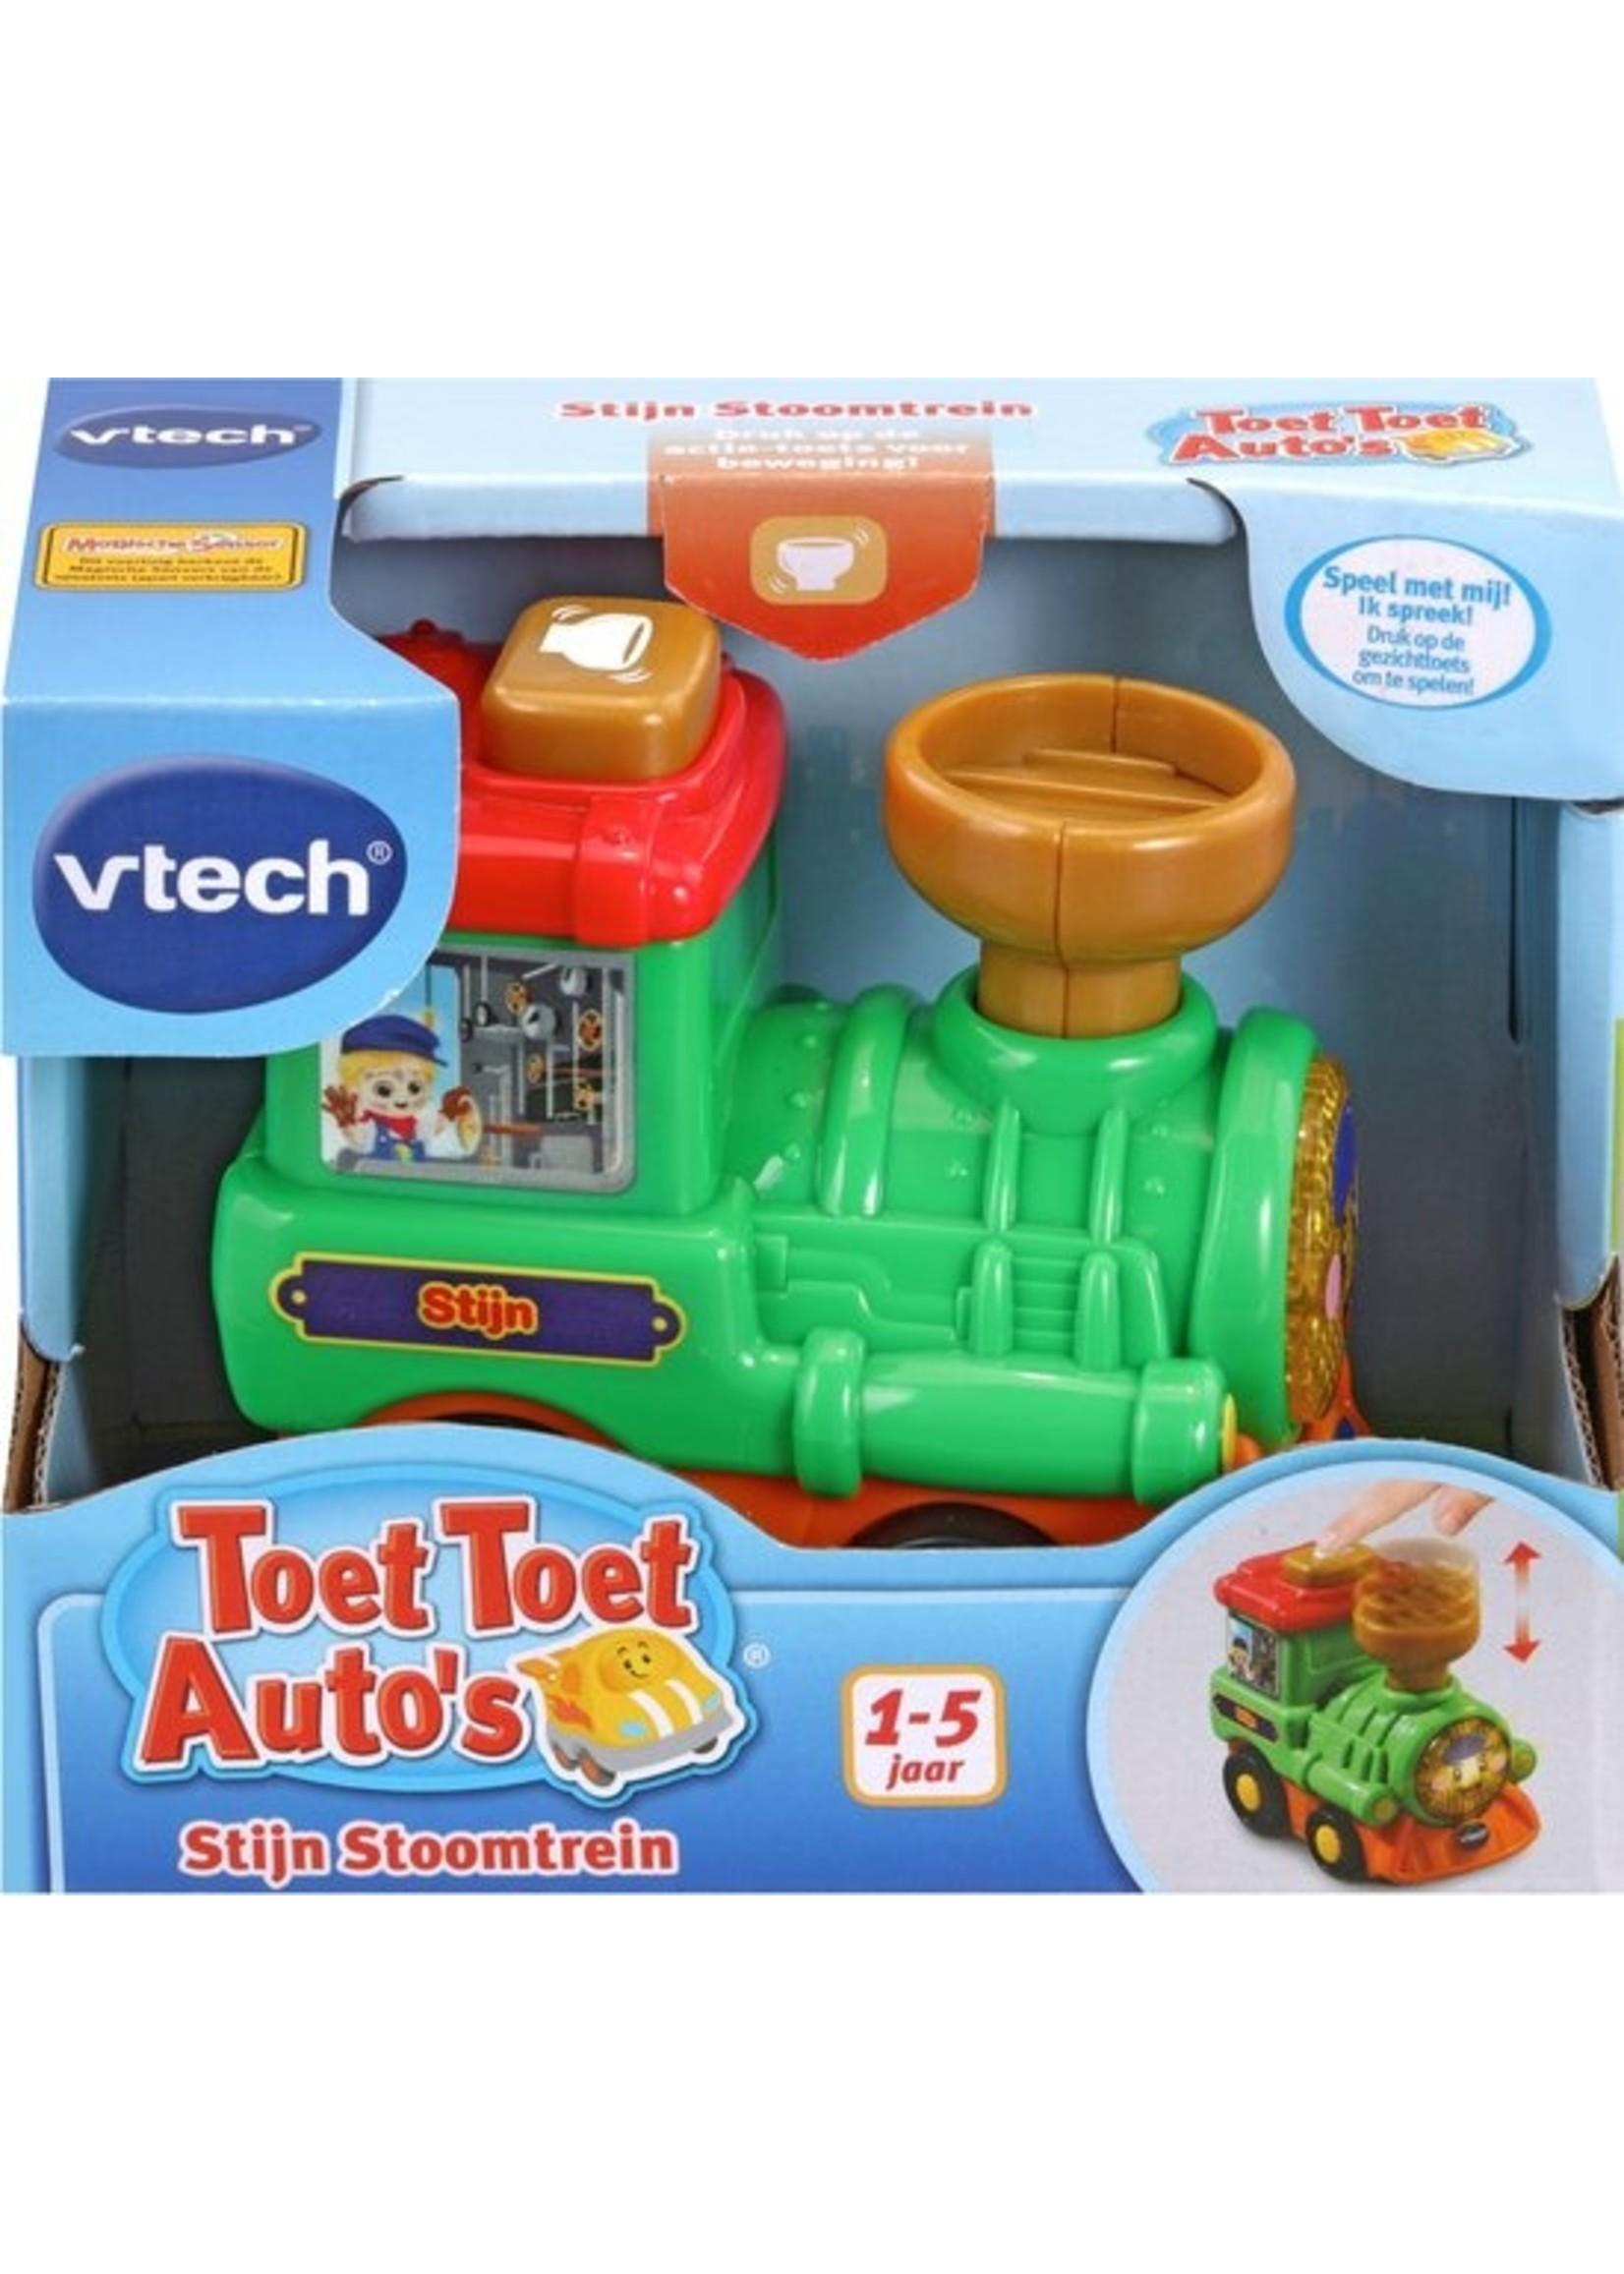 Vtech Toet Toet Auto's Stijn Stoomtrein